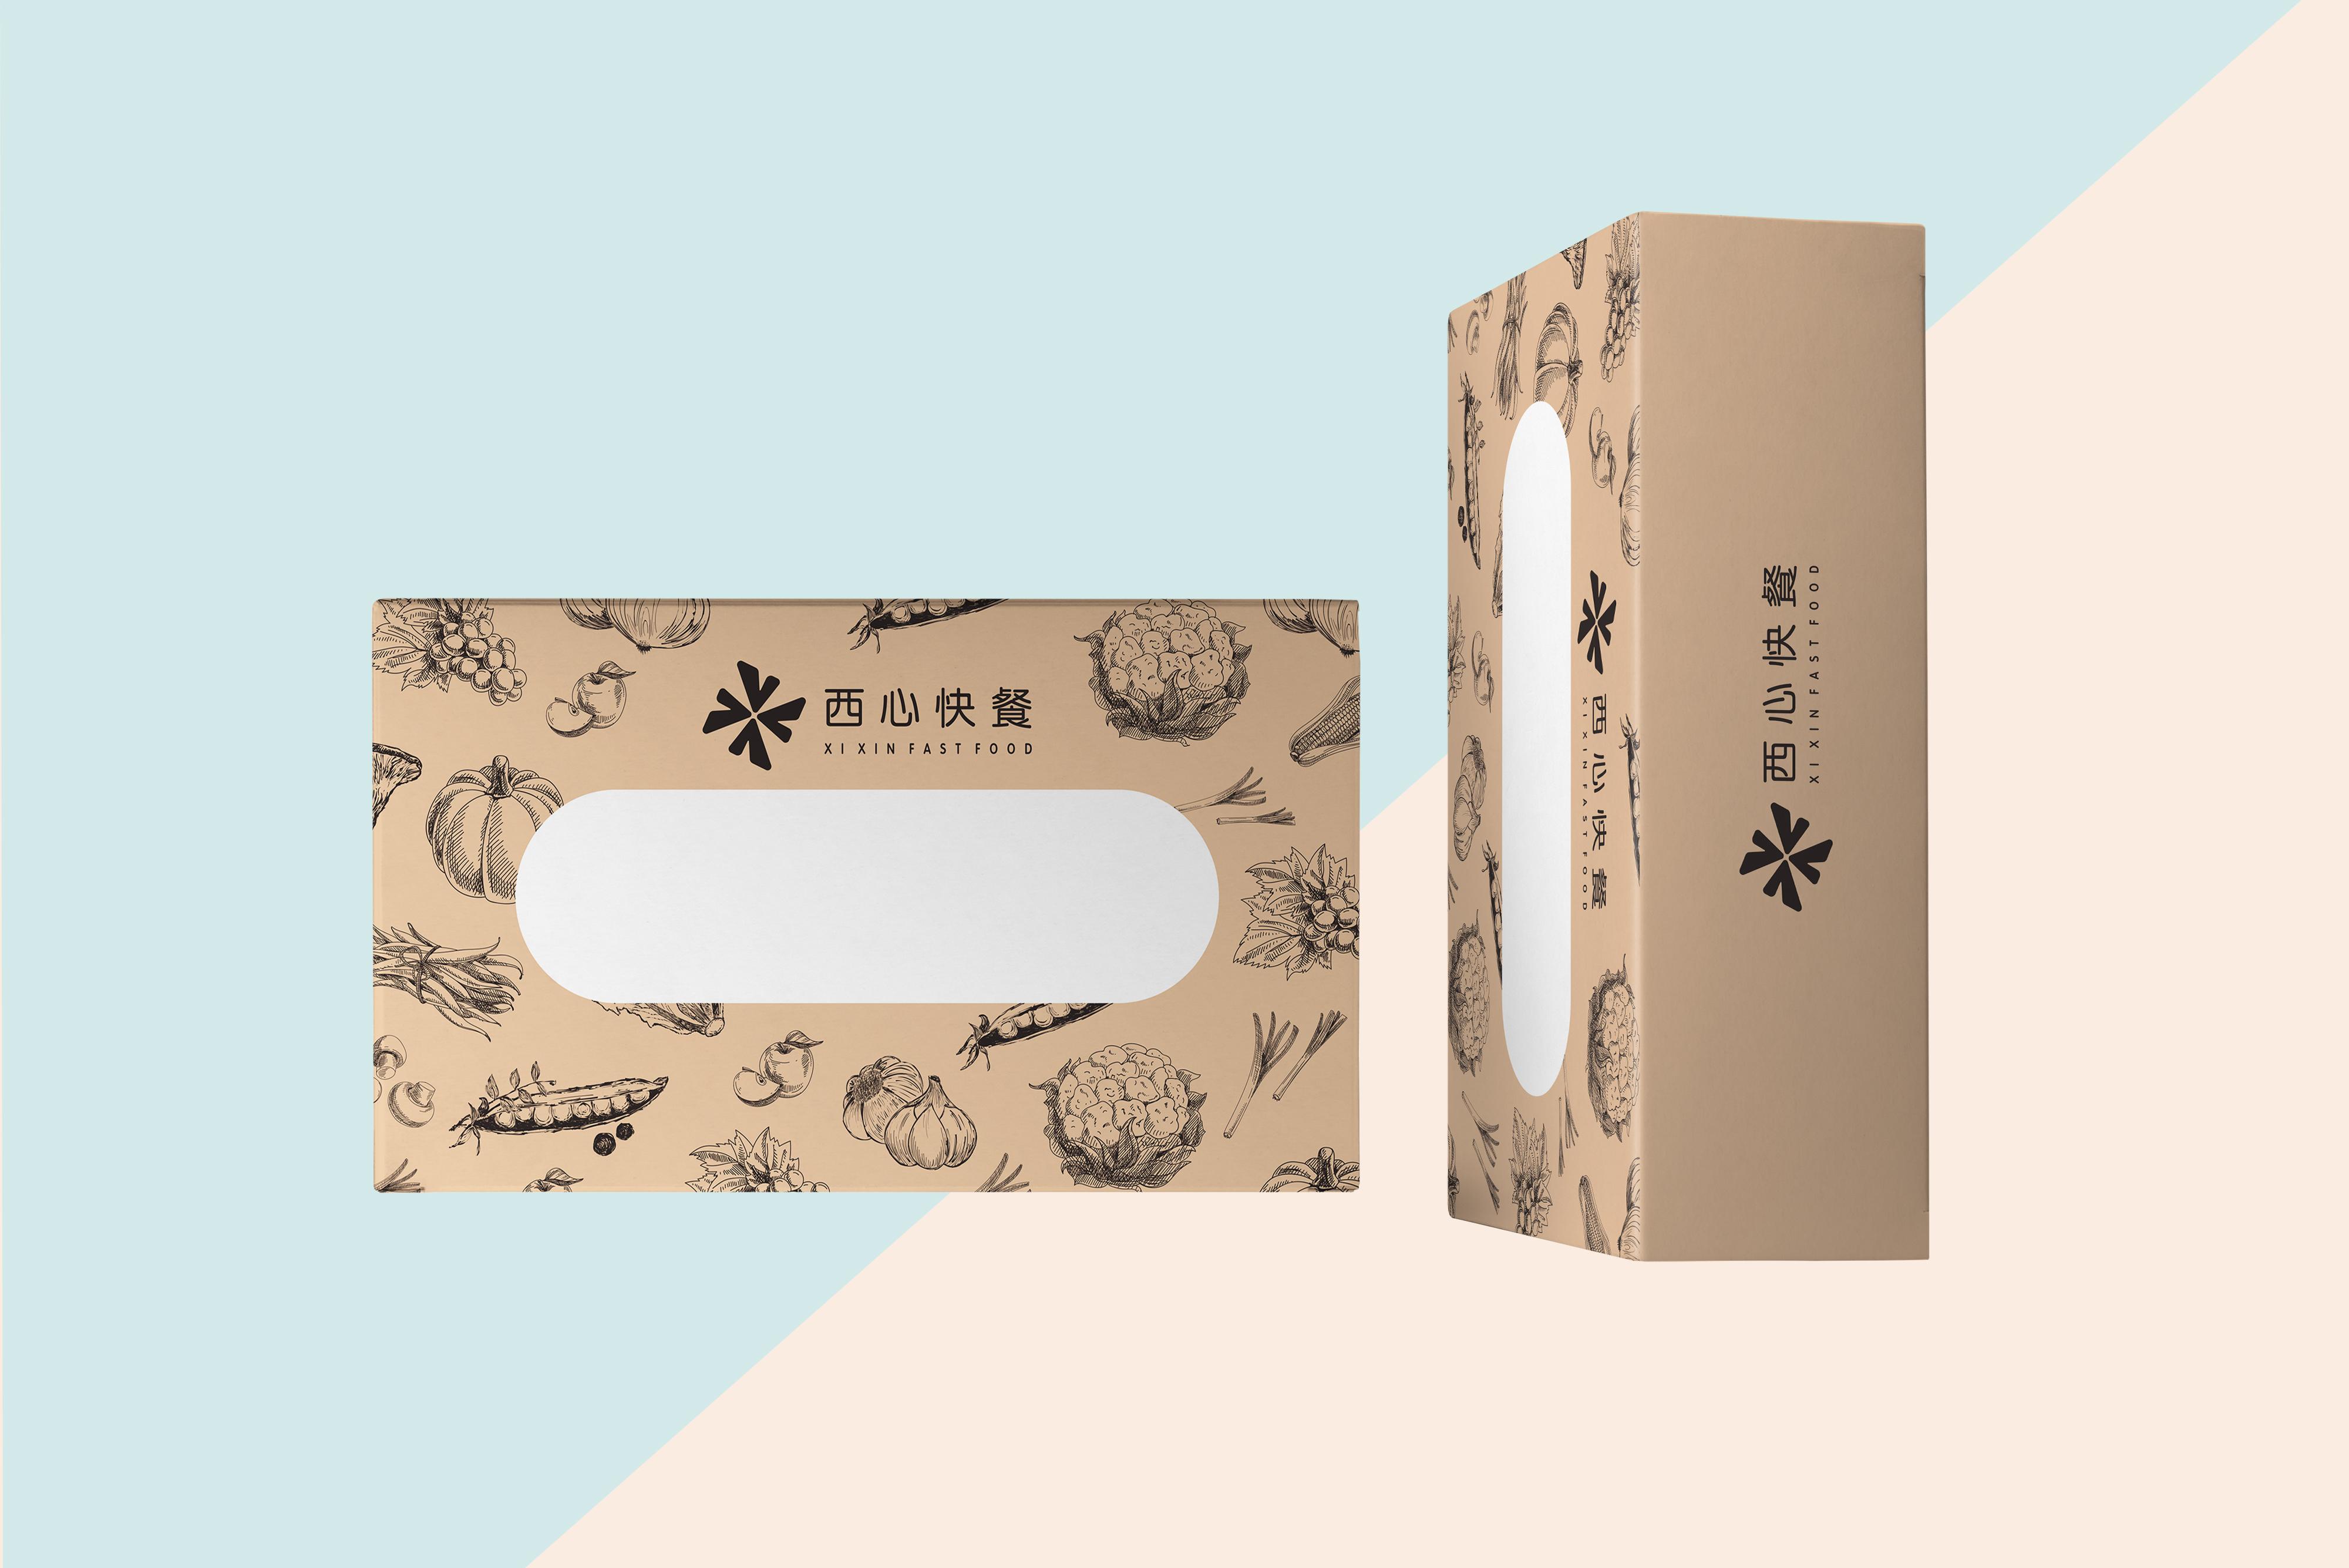 食品饮料包装设计包装盒包装袋设计帆布袋礼盒包装设计瓶贴标签